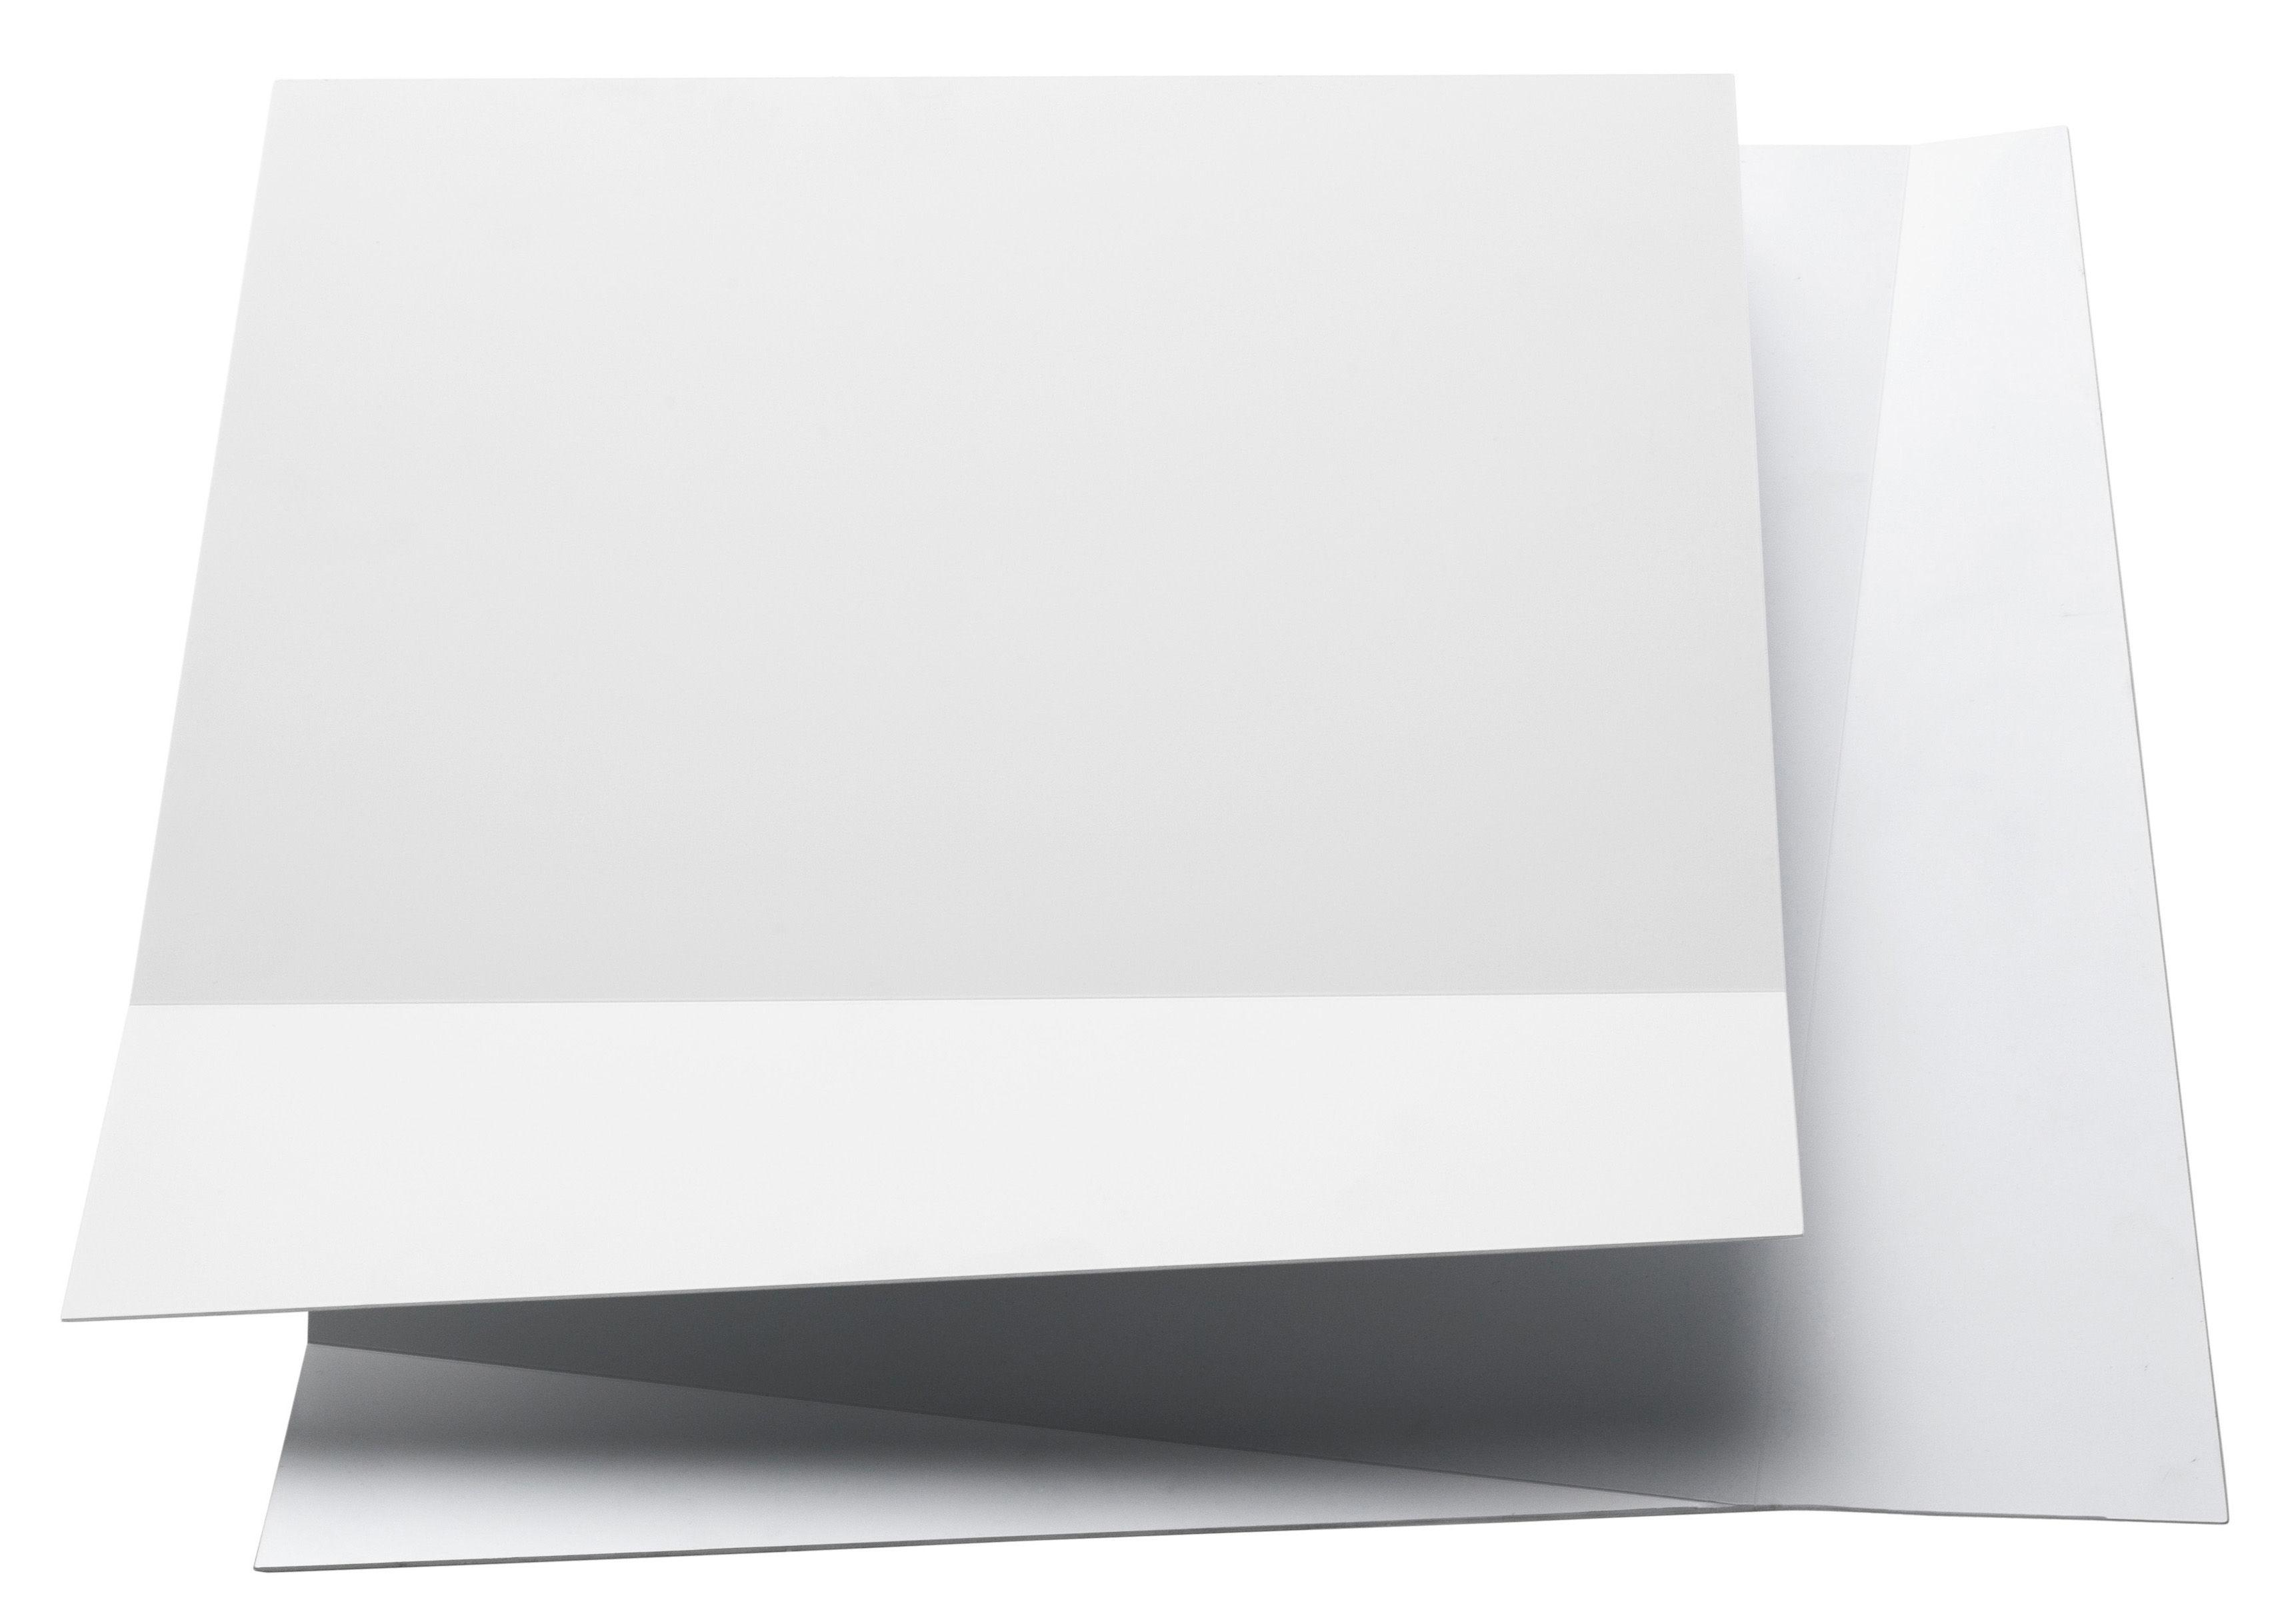 Luminaire - Appliques - Applique Flap 1 - Foscarini - Blanc - Aluminium verni